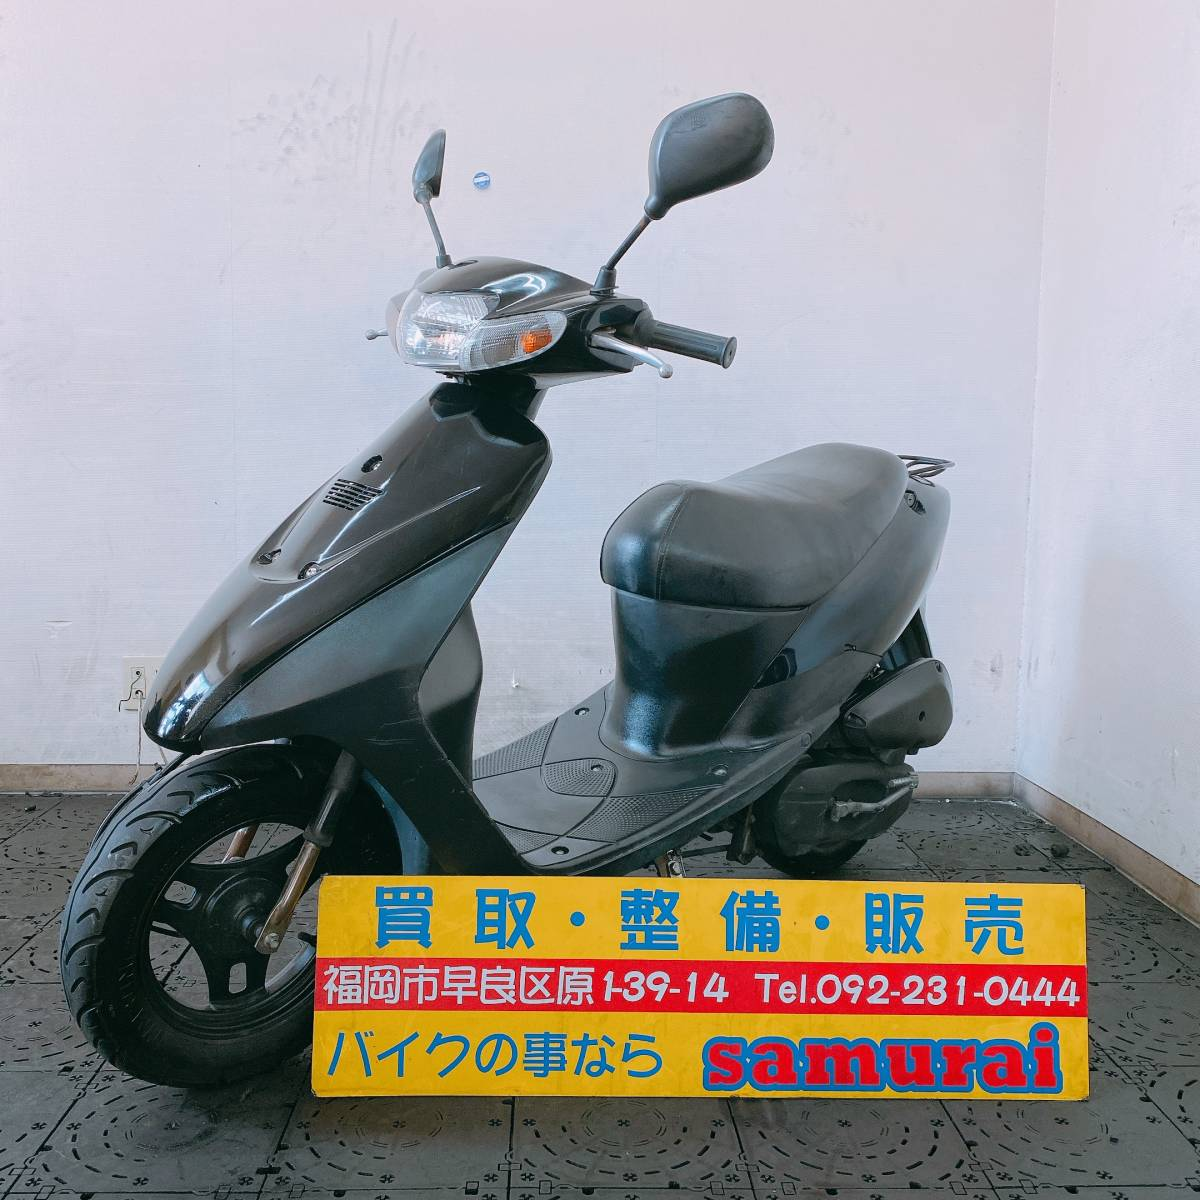 「SUZUKI レッツ2 2サイクル 速い 激安 乗って帰れます 福岡」の画像1